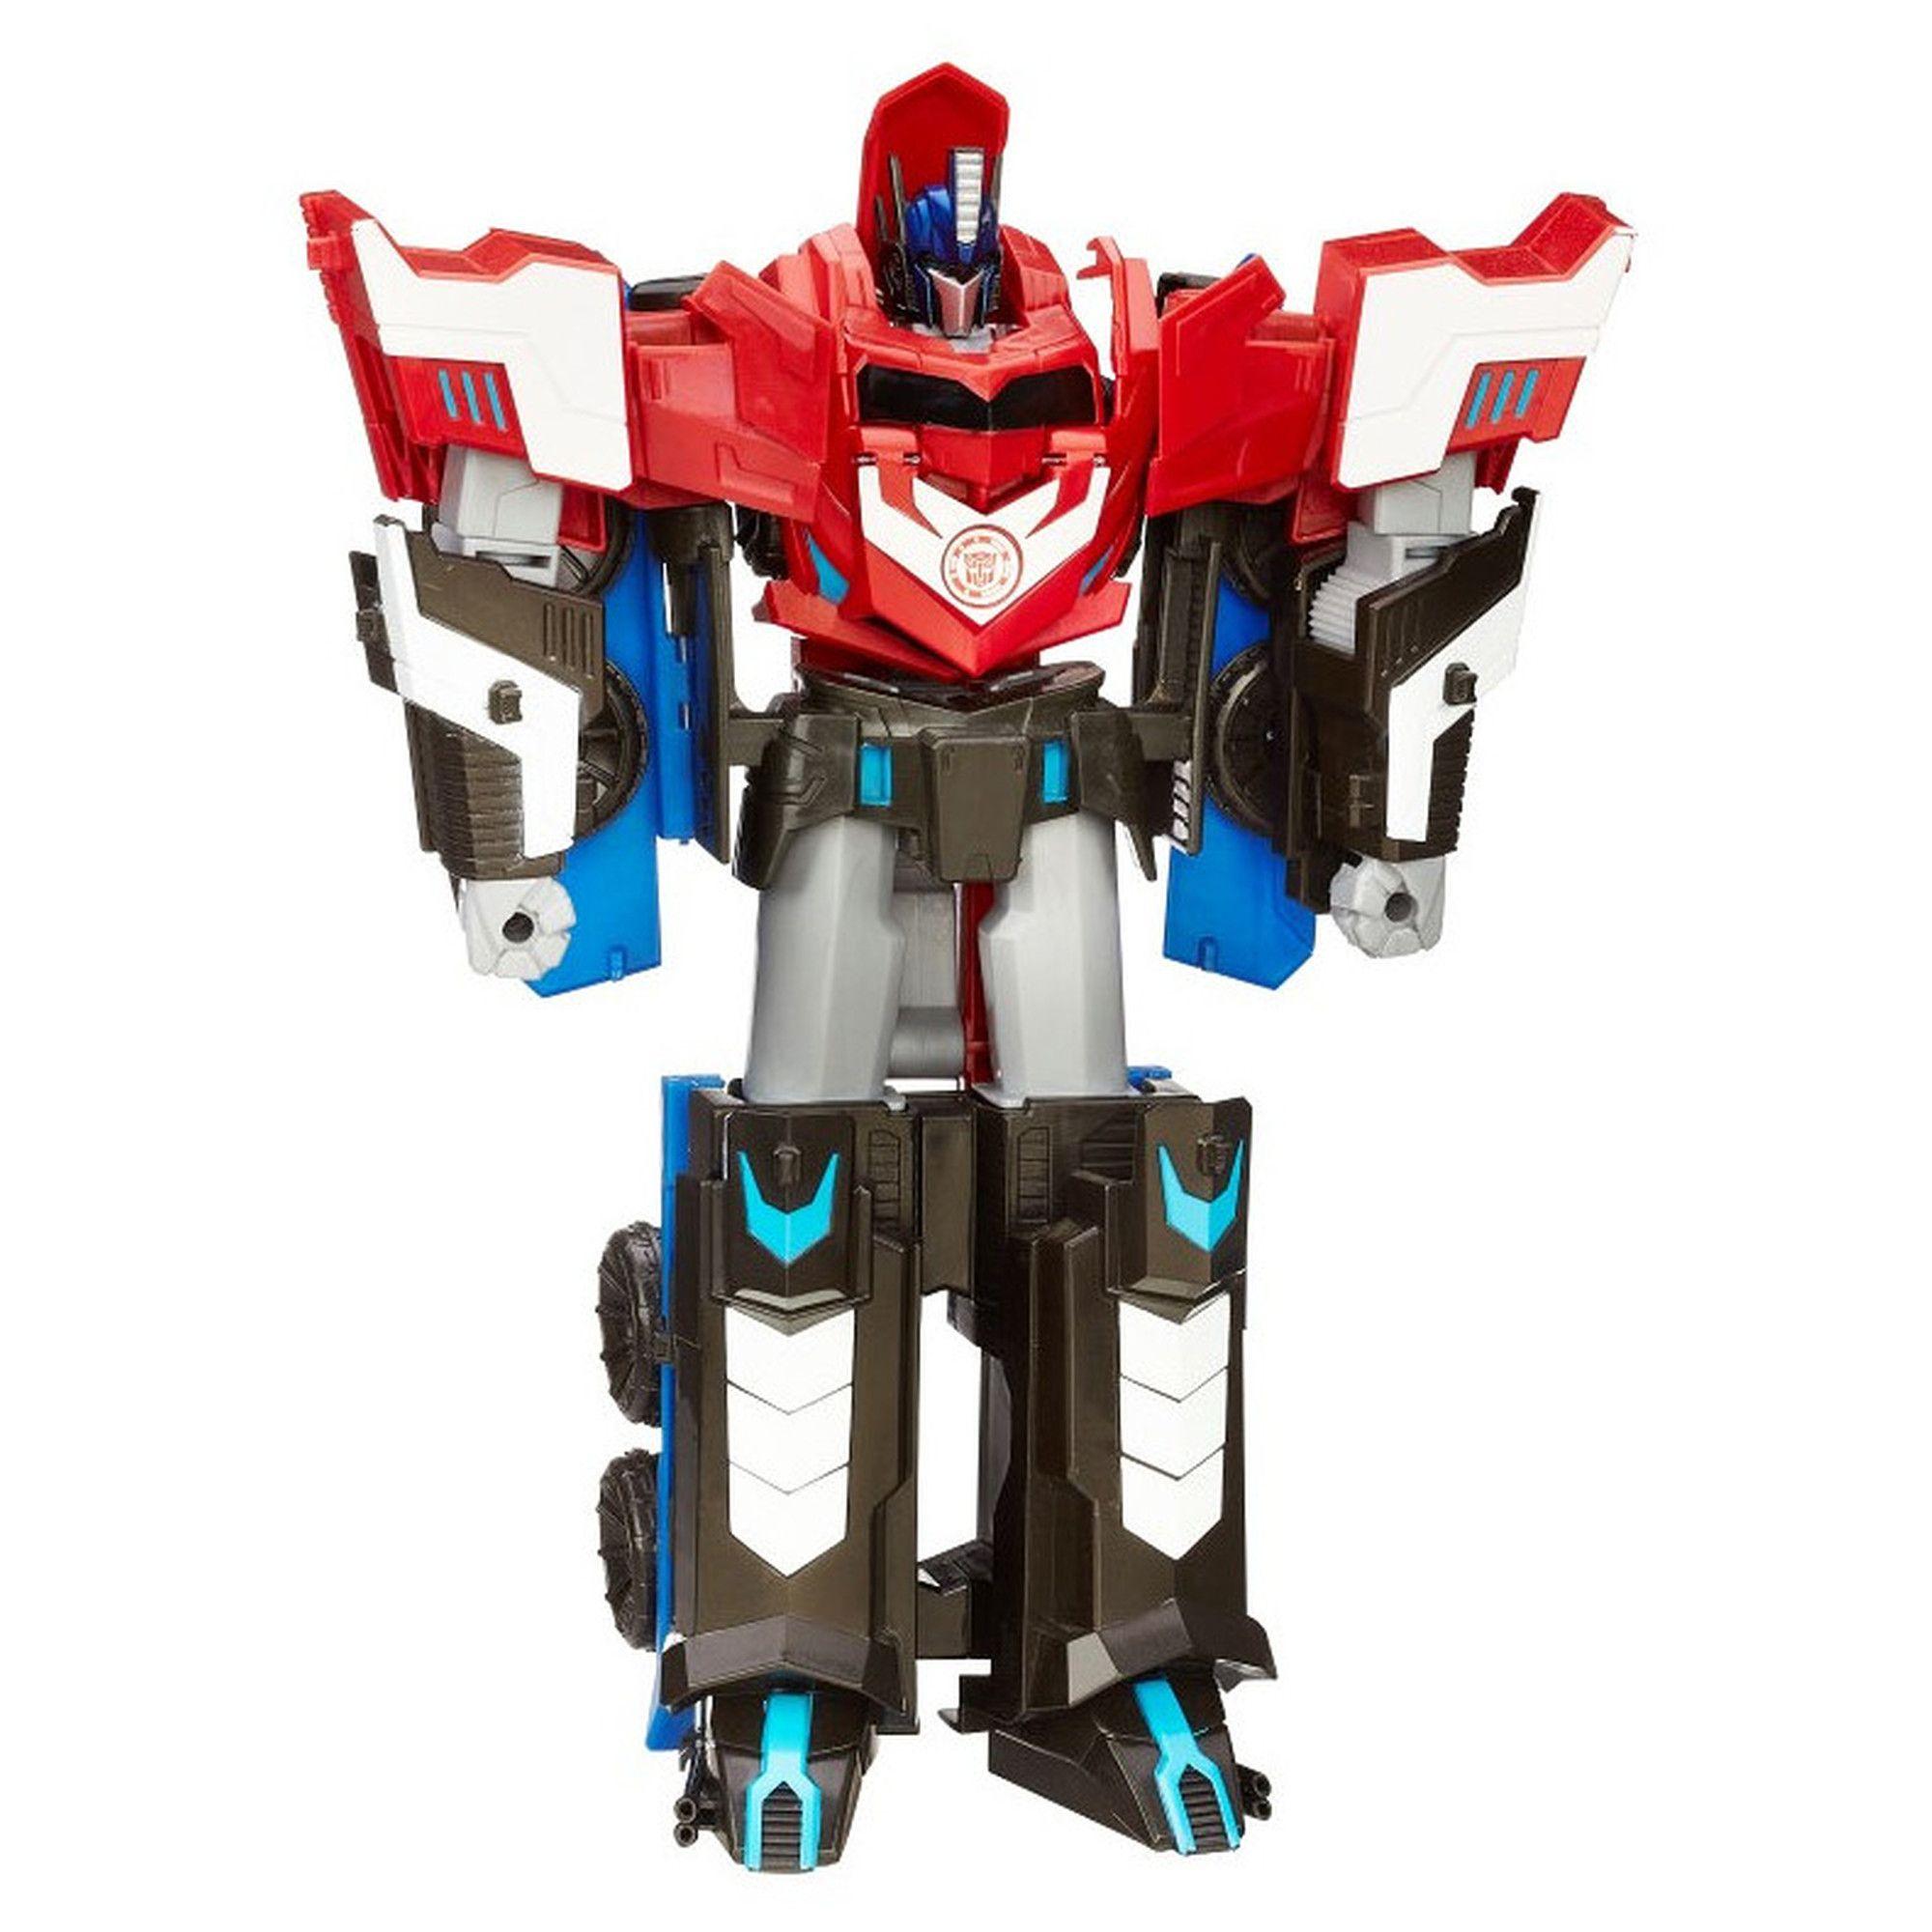 Трансформеры Оптимуспрайм Роботс-ин-дисгайз Мега Transformers, Hasbro B1564Игровые наборы для мальчиков<br><br><br>Артикул: B1564<br>Бренд: Transformers<br>Категории: Трансформеры